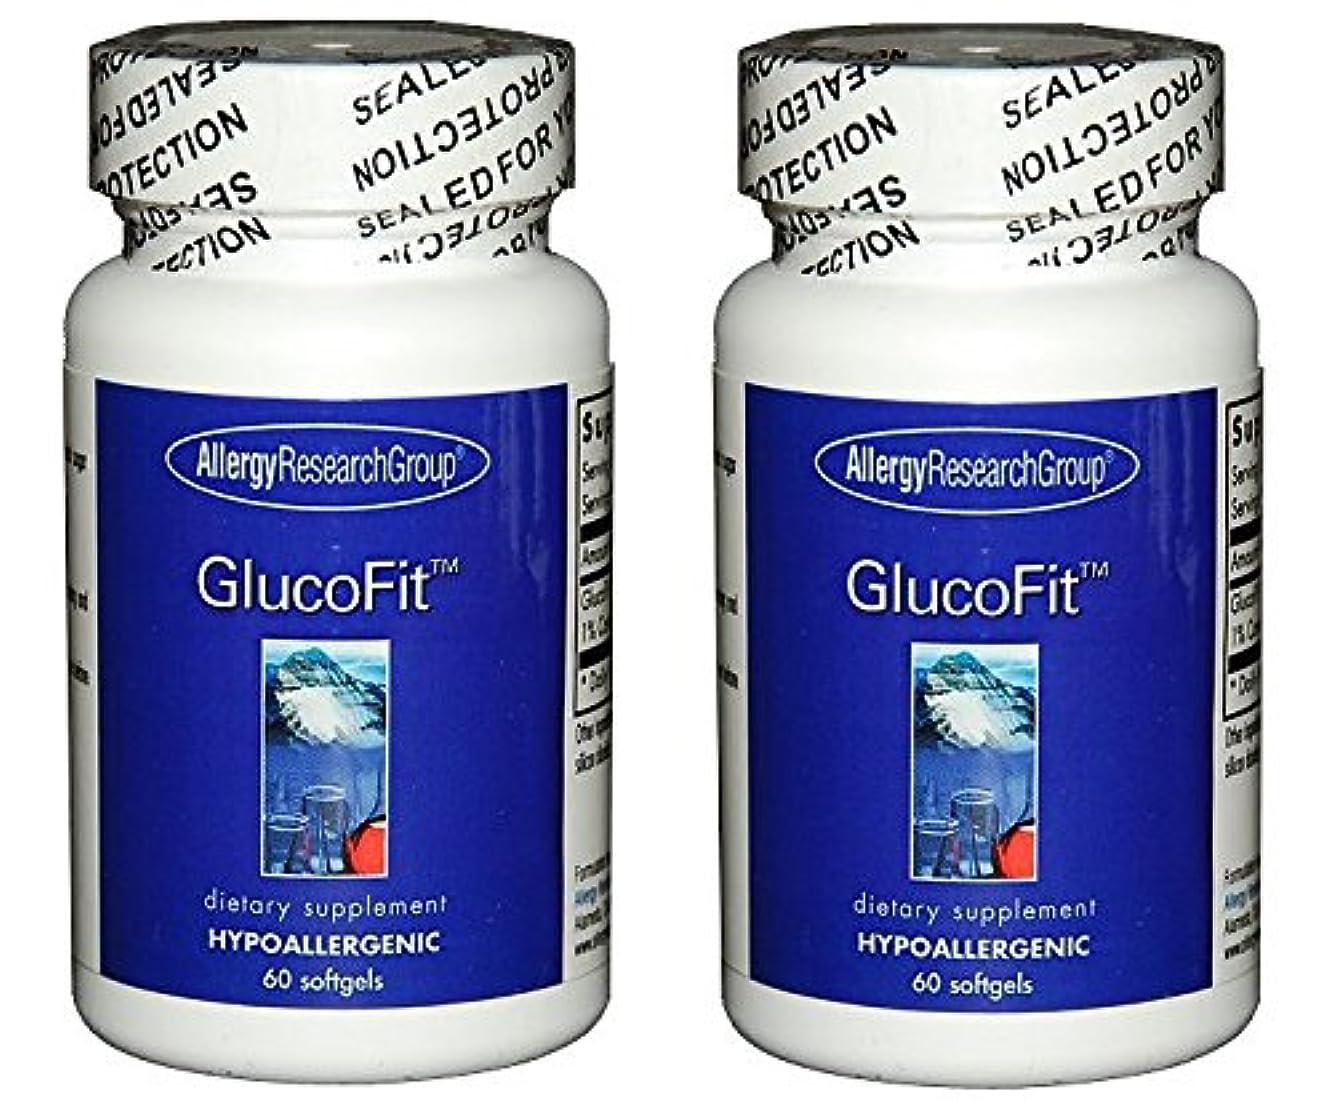 外交官毛細血管敬意を表してグルコフィット(GlucoFit)[海外直送品] 2ボトル